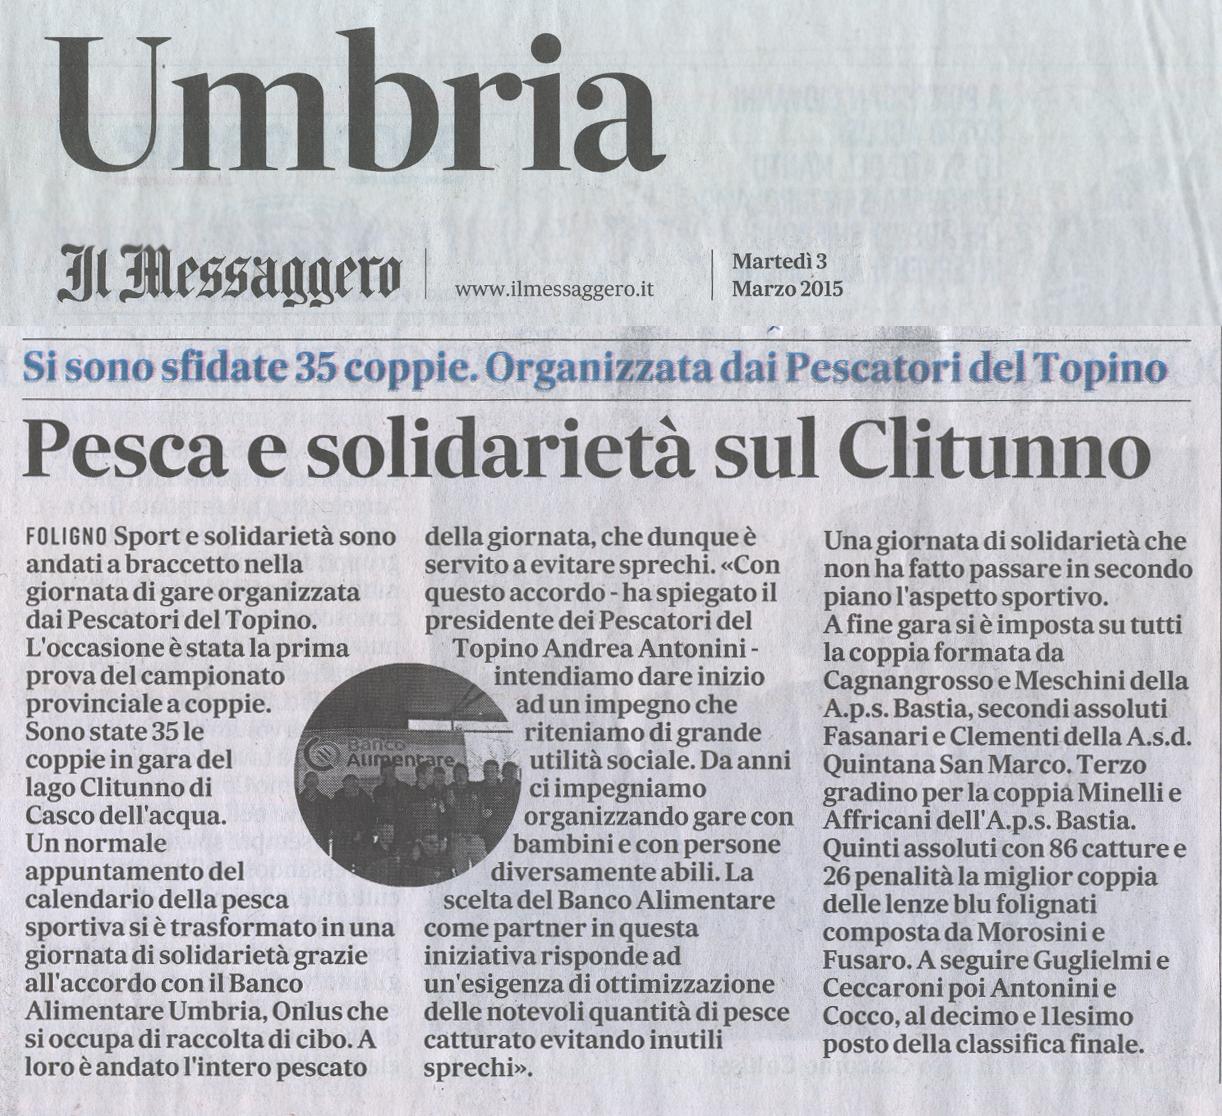 articolo_messaggero_umbria_03.03.2015